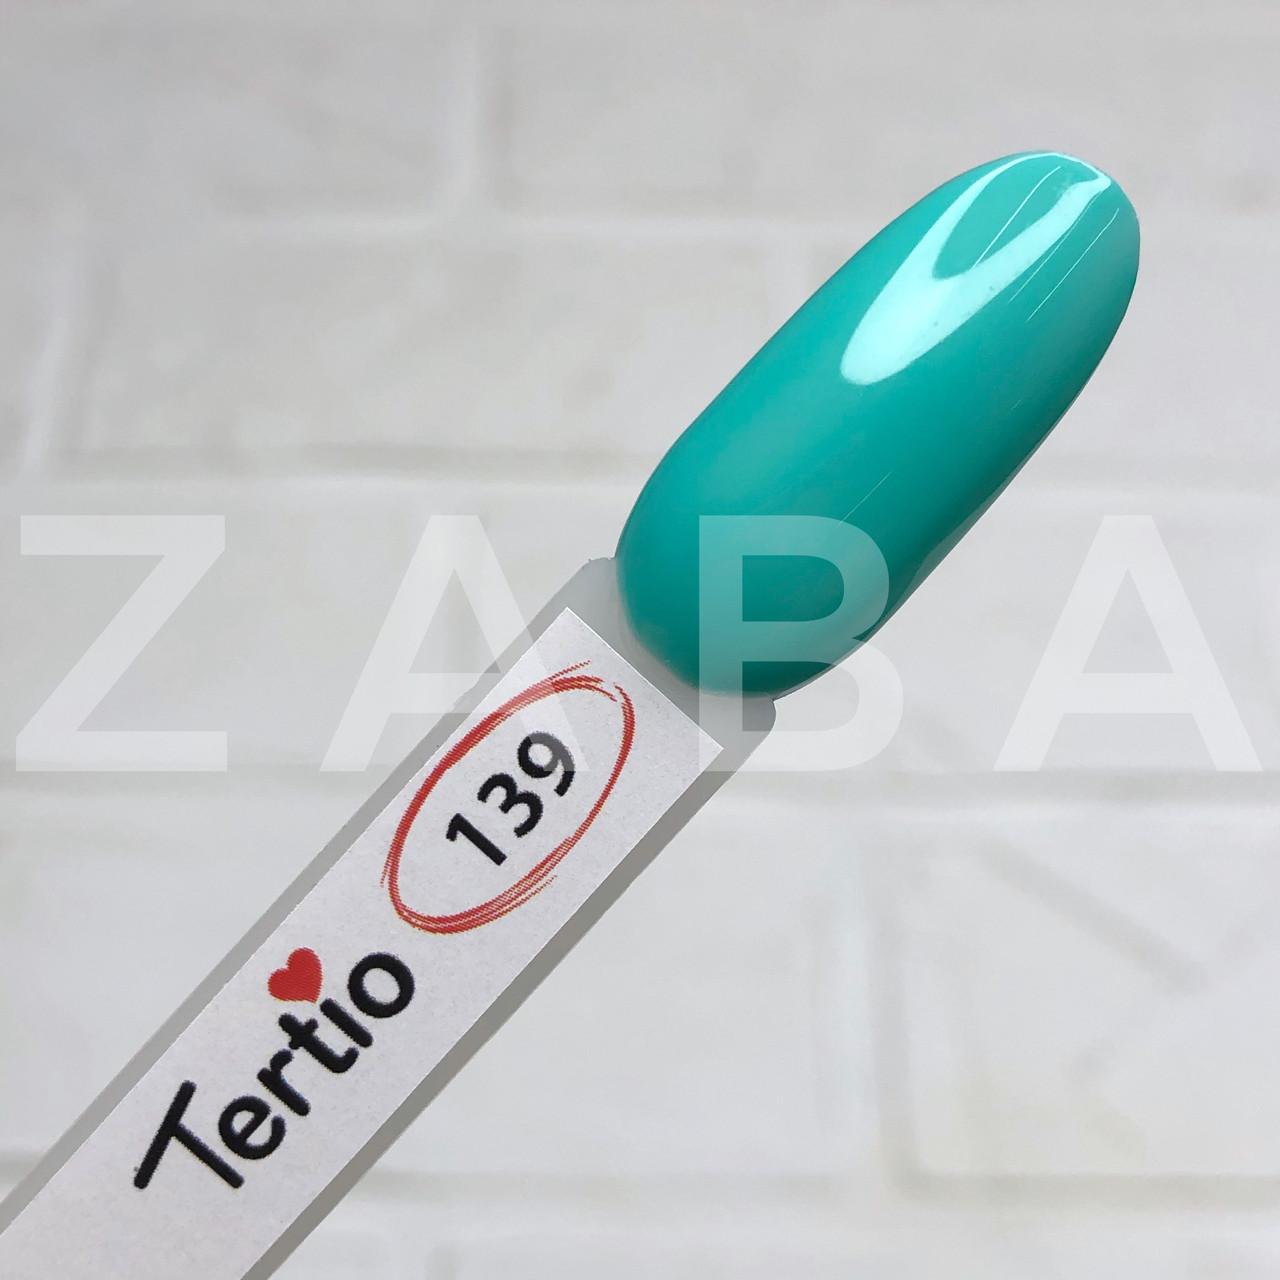 Гель-лак Tertio №139 - светлый мятный, 10 мл